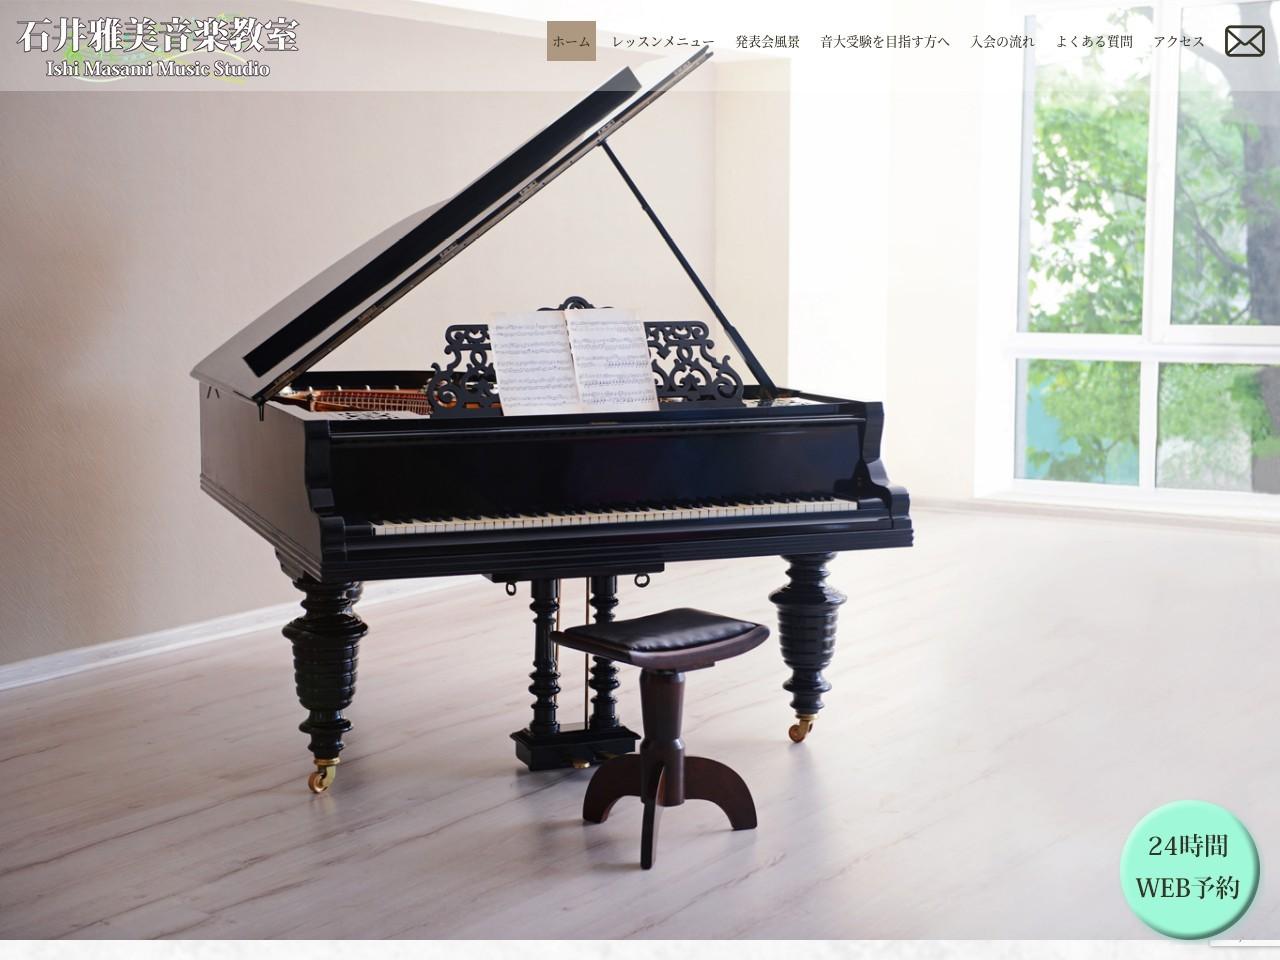 石井雅美音楽教室のサムネイル